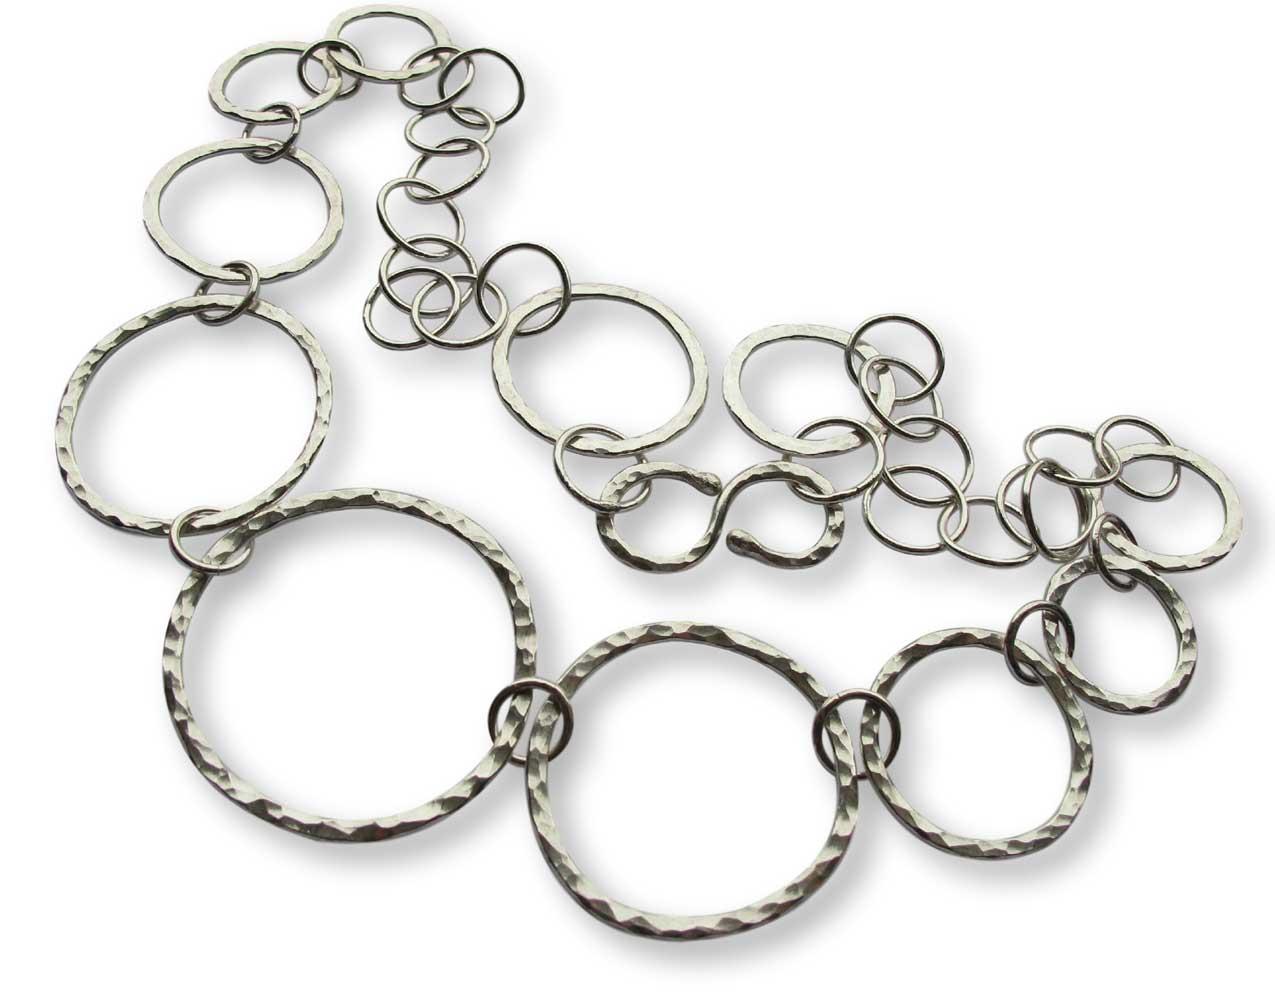 Argentium Silver Hammer-Textured Link Necklace